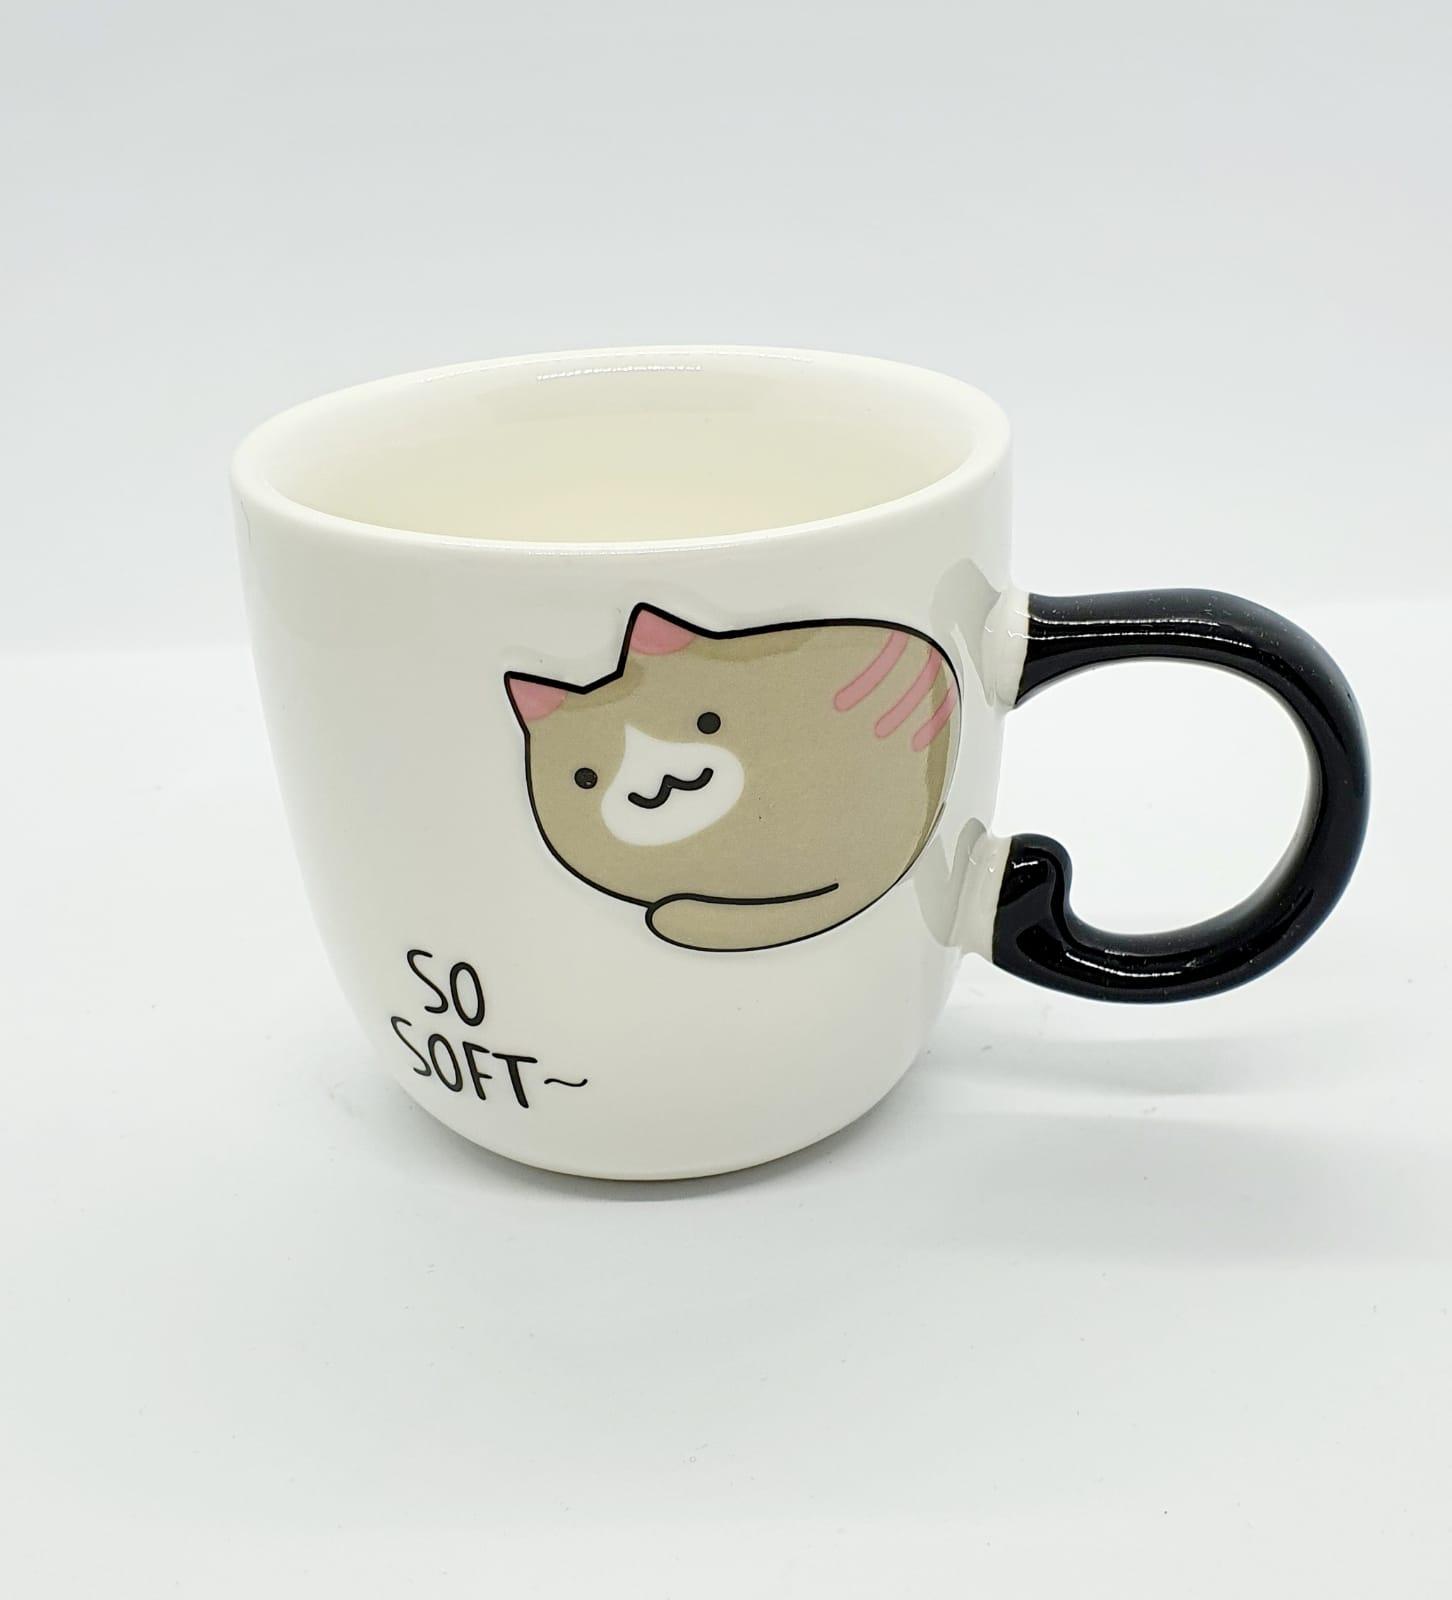 Caneca/Vaso gatinho So Soft em cerâmica - 200ml